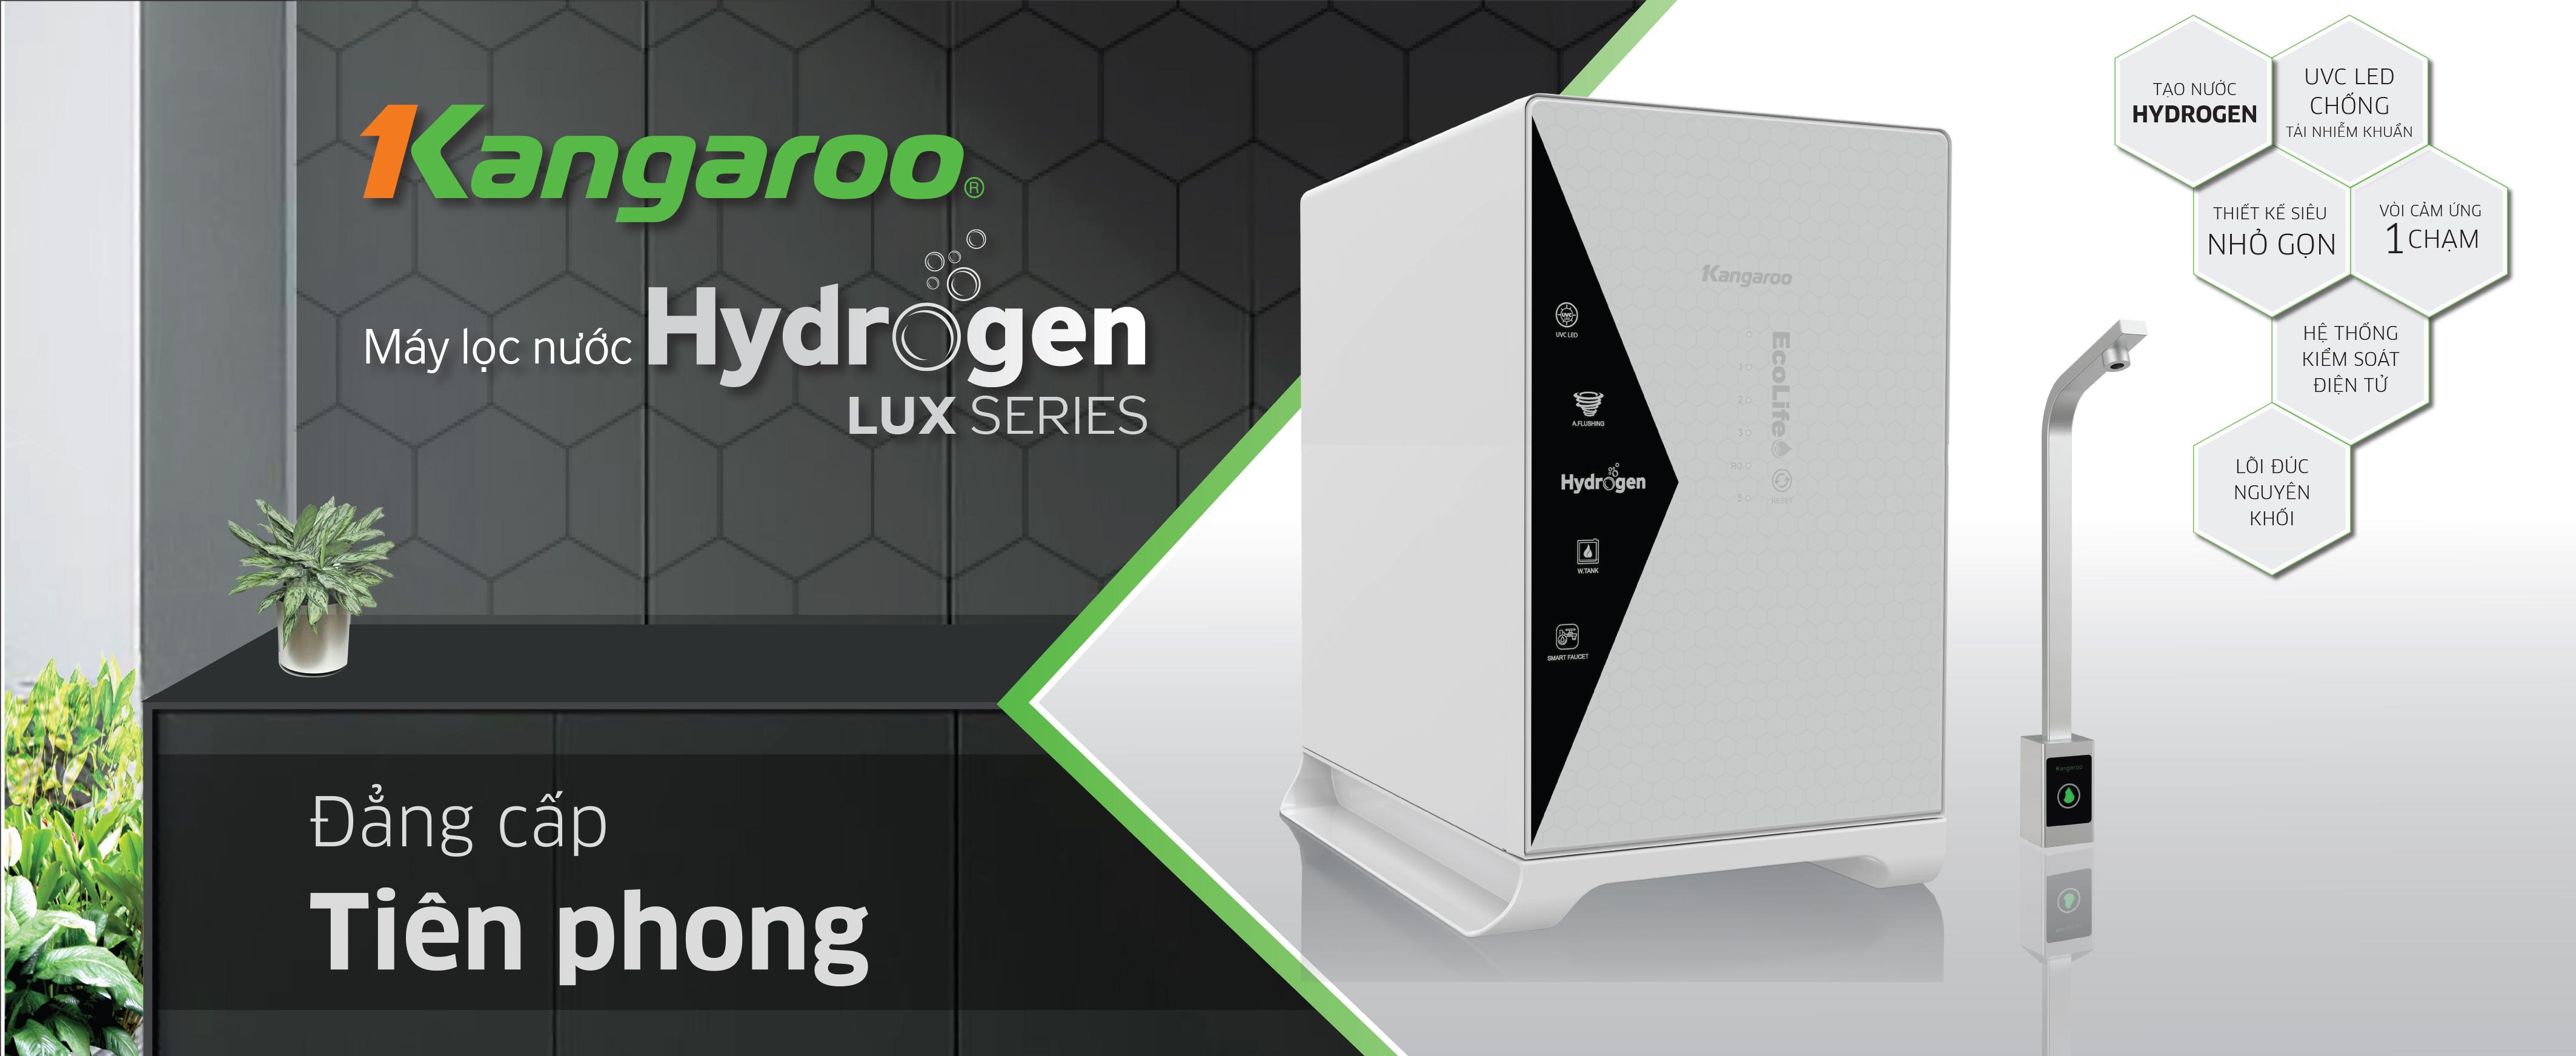 Máy lọc nước Kangaroo Hydrogen Lux Series với nhiều công nghệ hiện đại được lần đầu tiên cho ra mắt trên thị trường